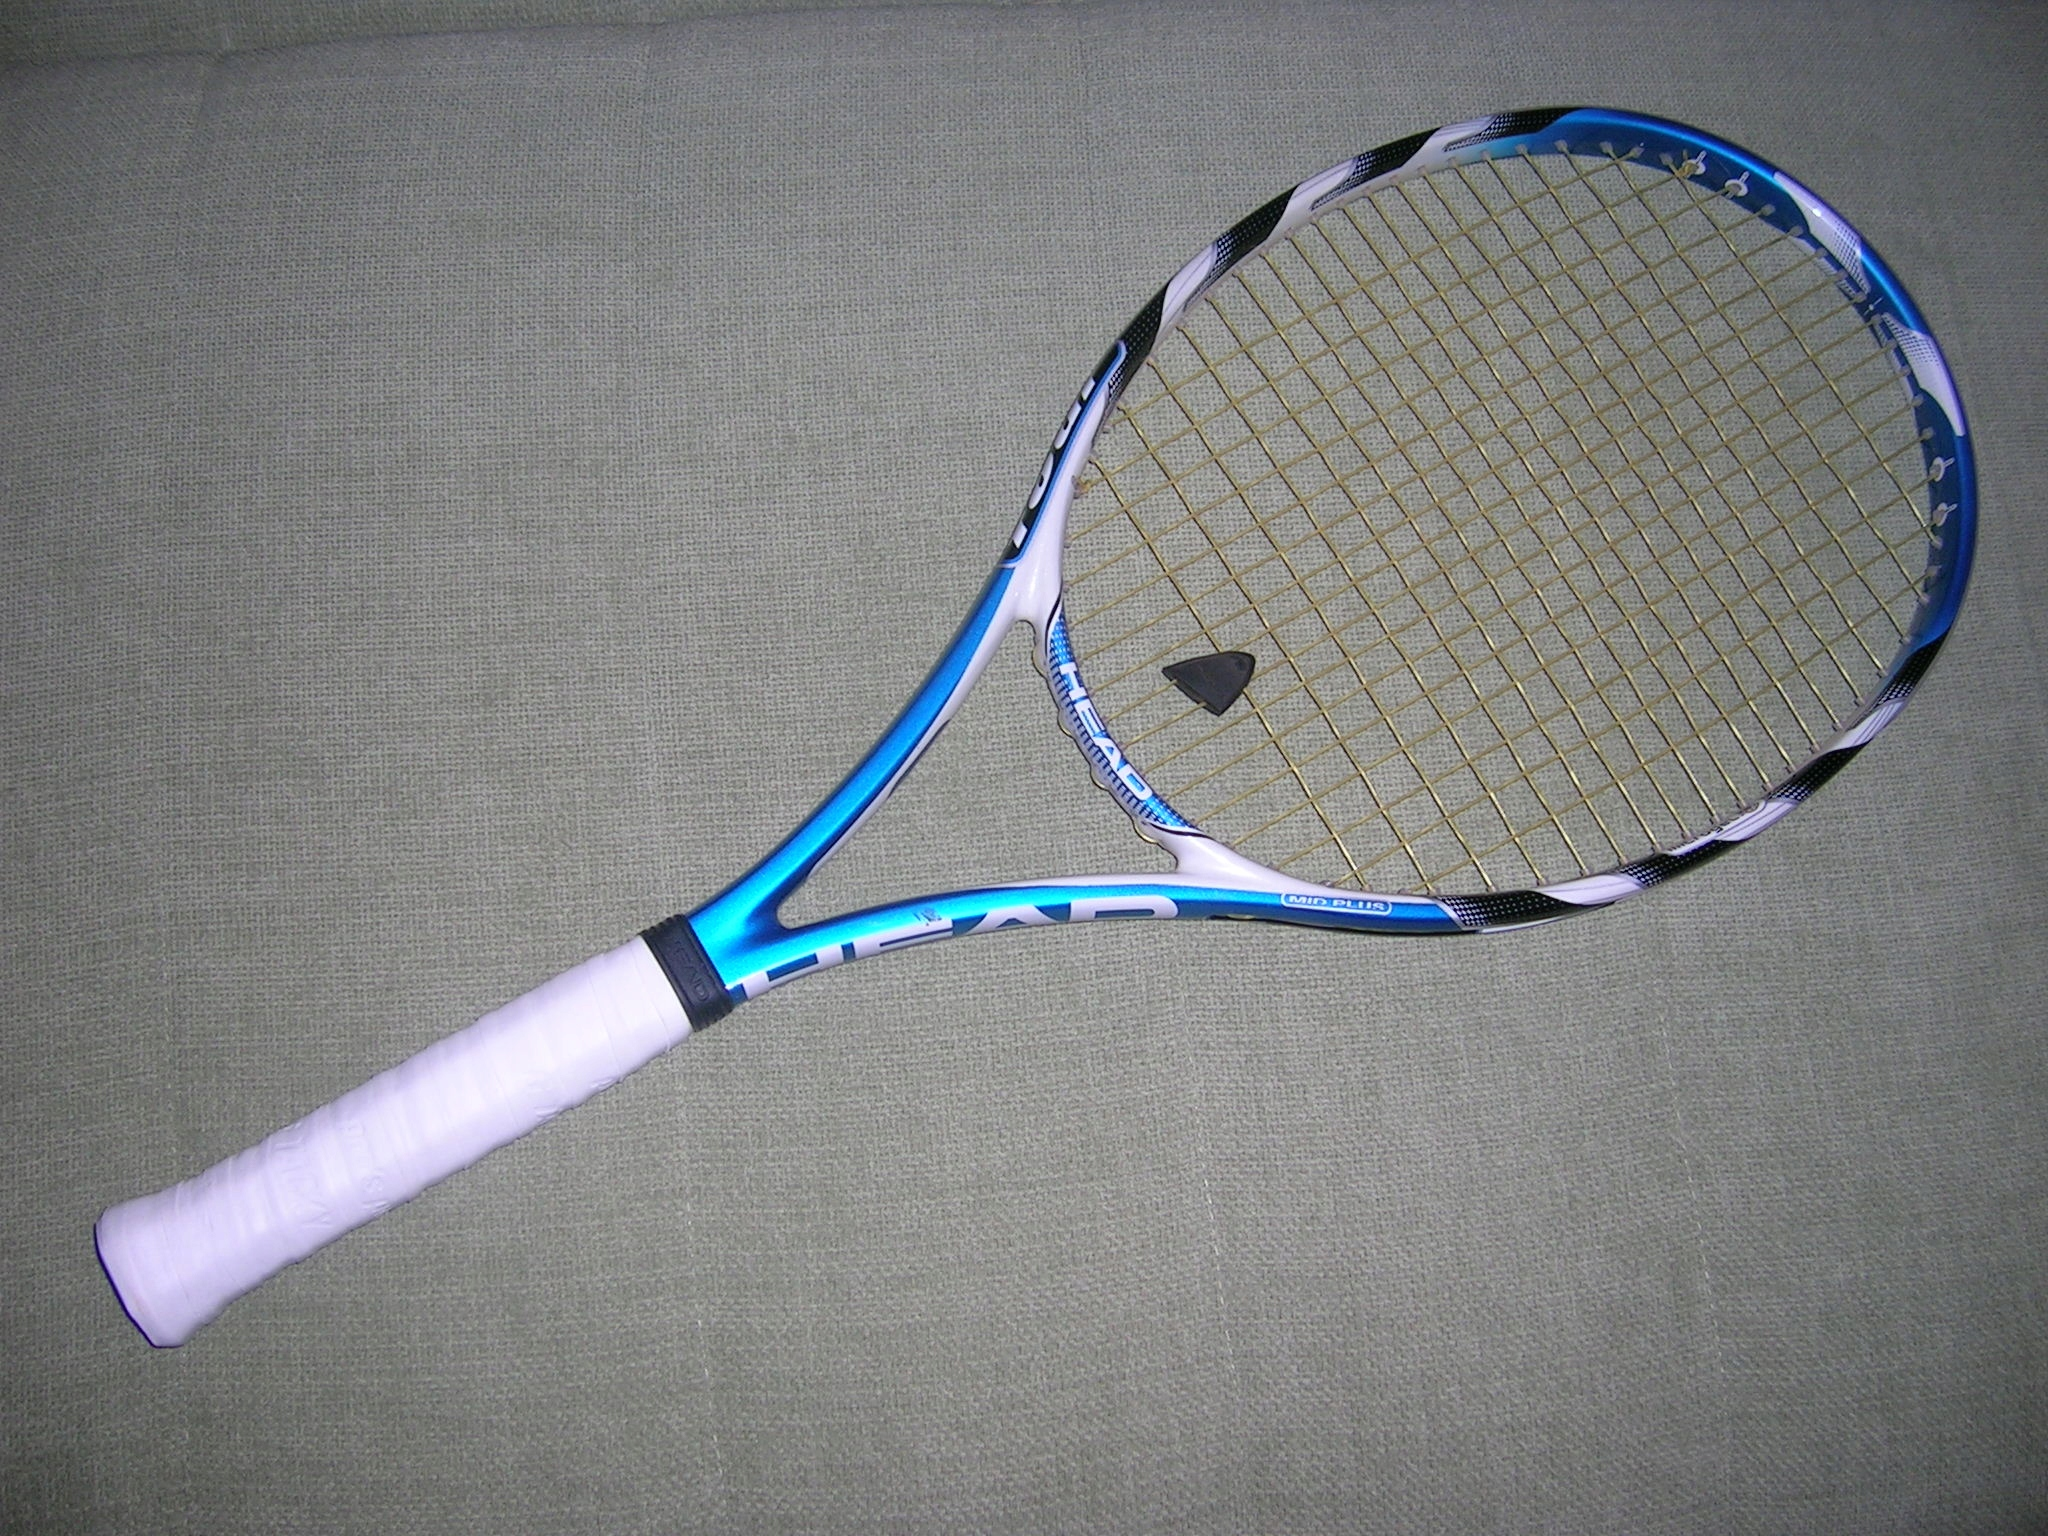 Rakieta tenisowa HEAD TOUR microgel L3